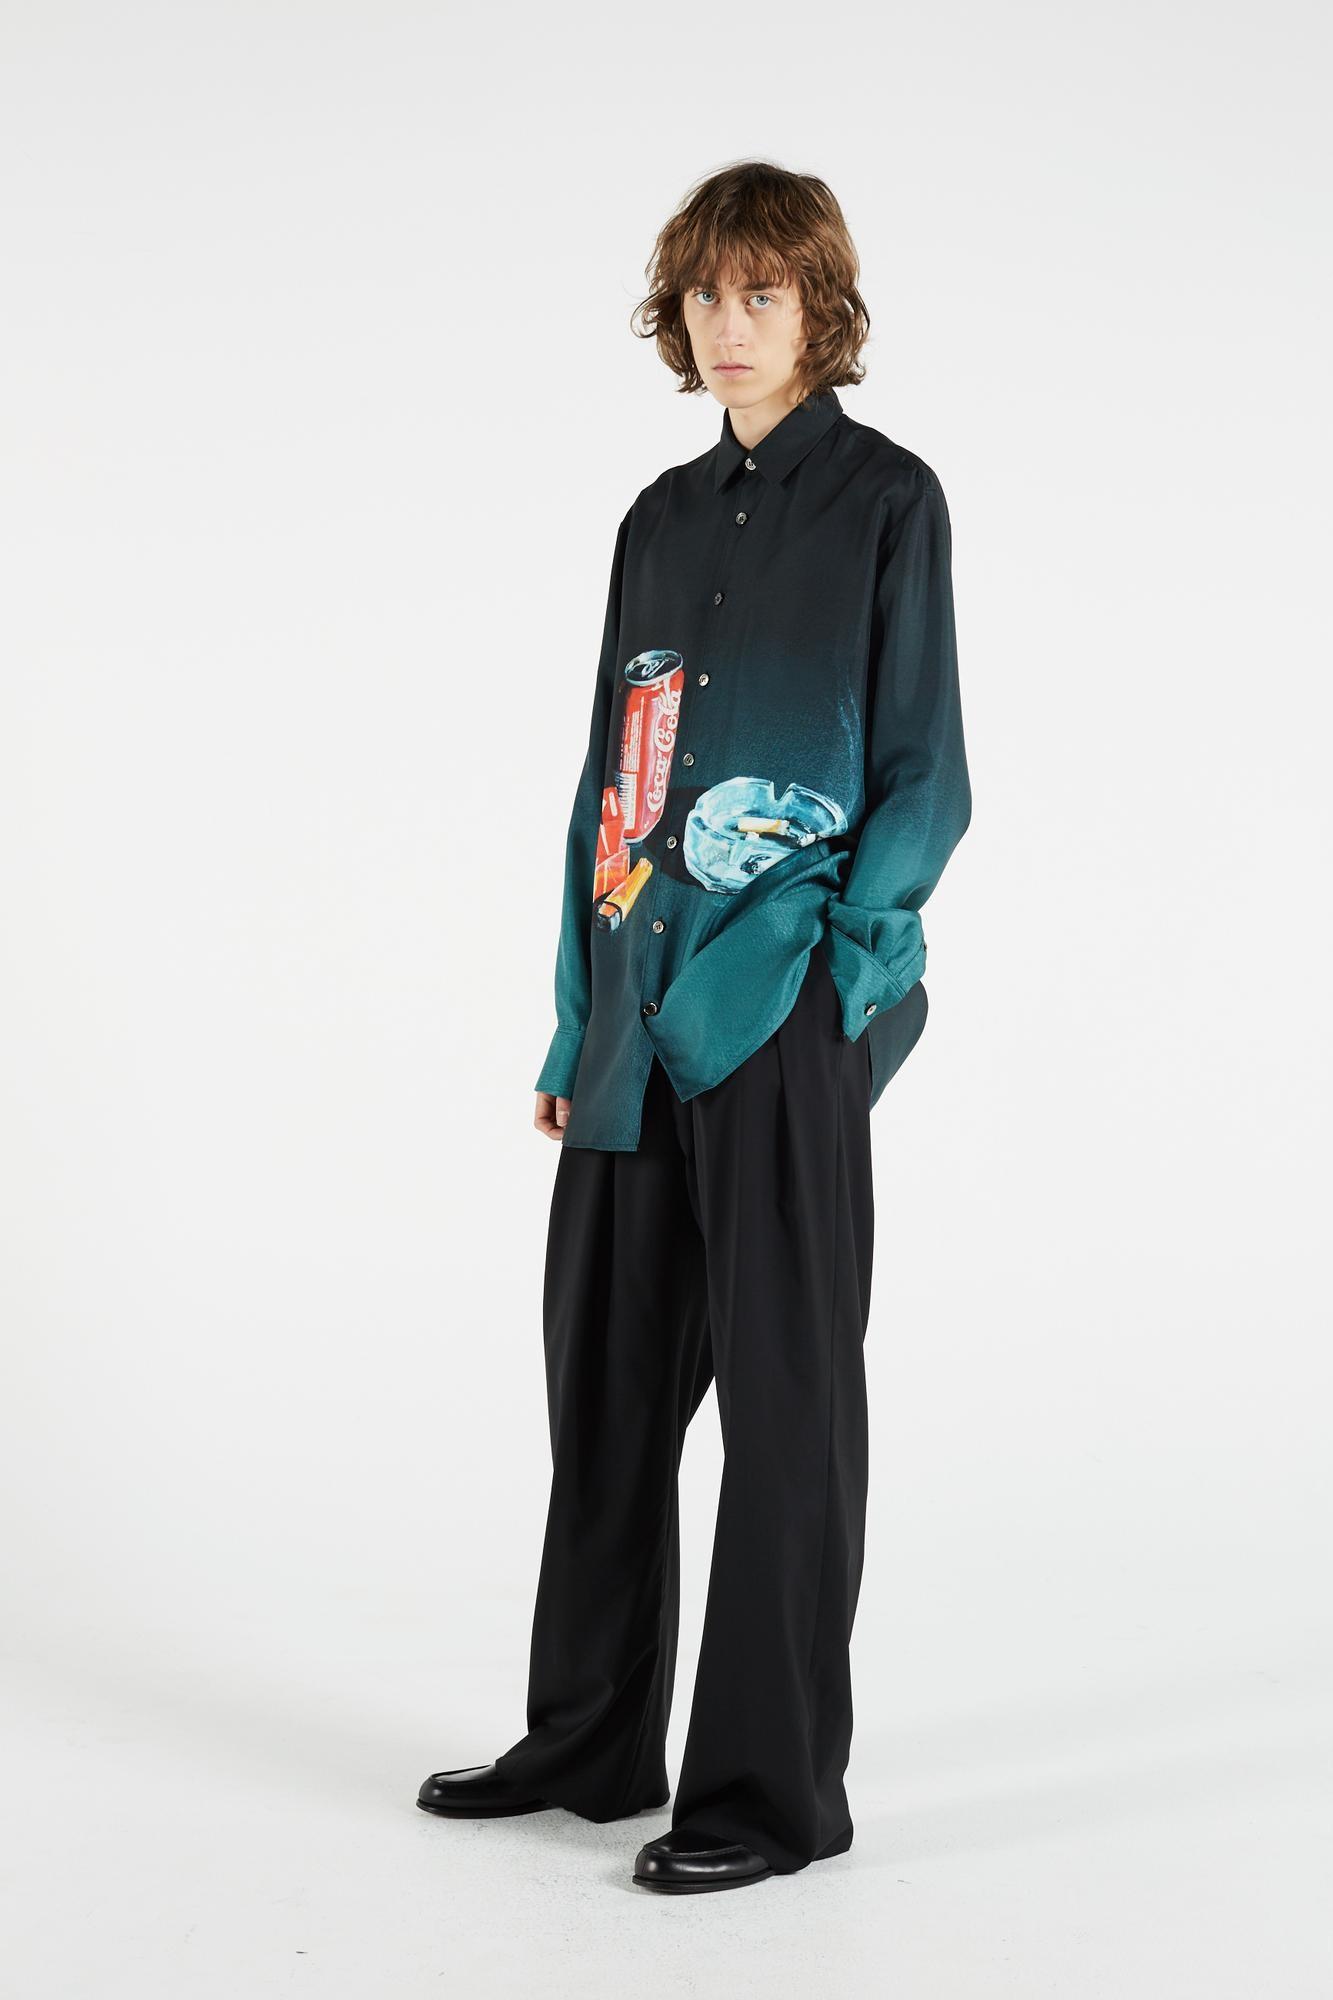 A camisa Portrait Silk Blair, de US$ 1000 (Foto: Divulgação)